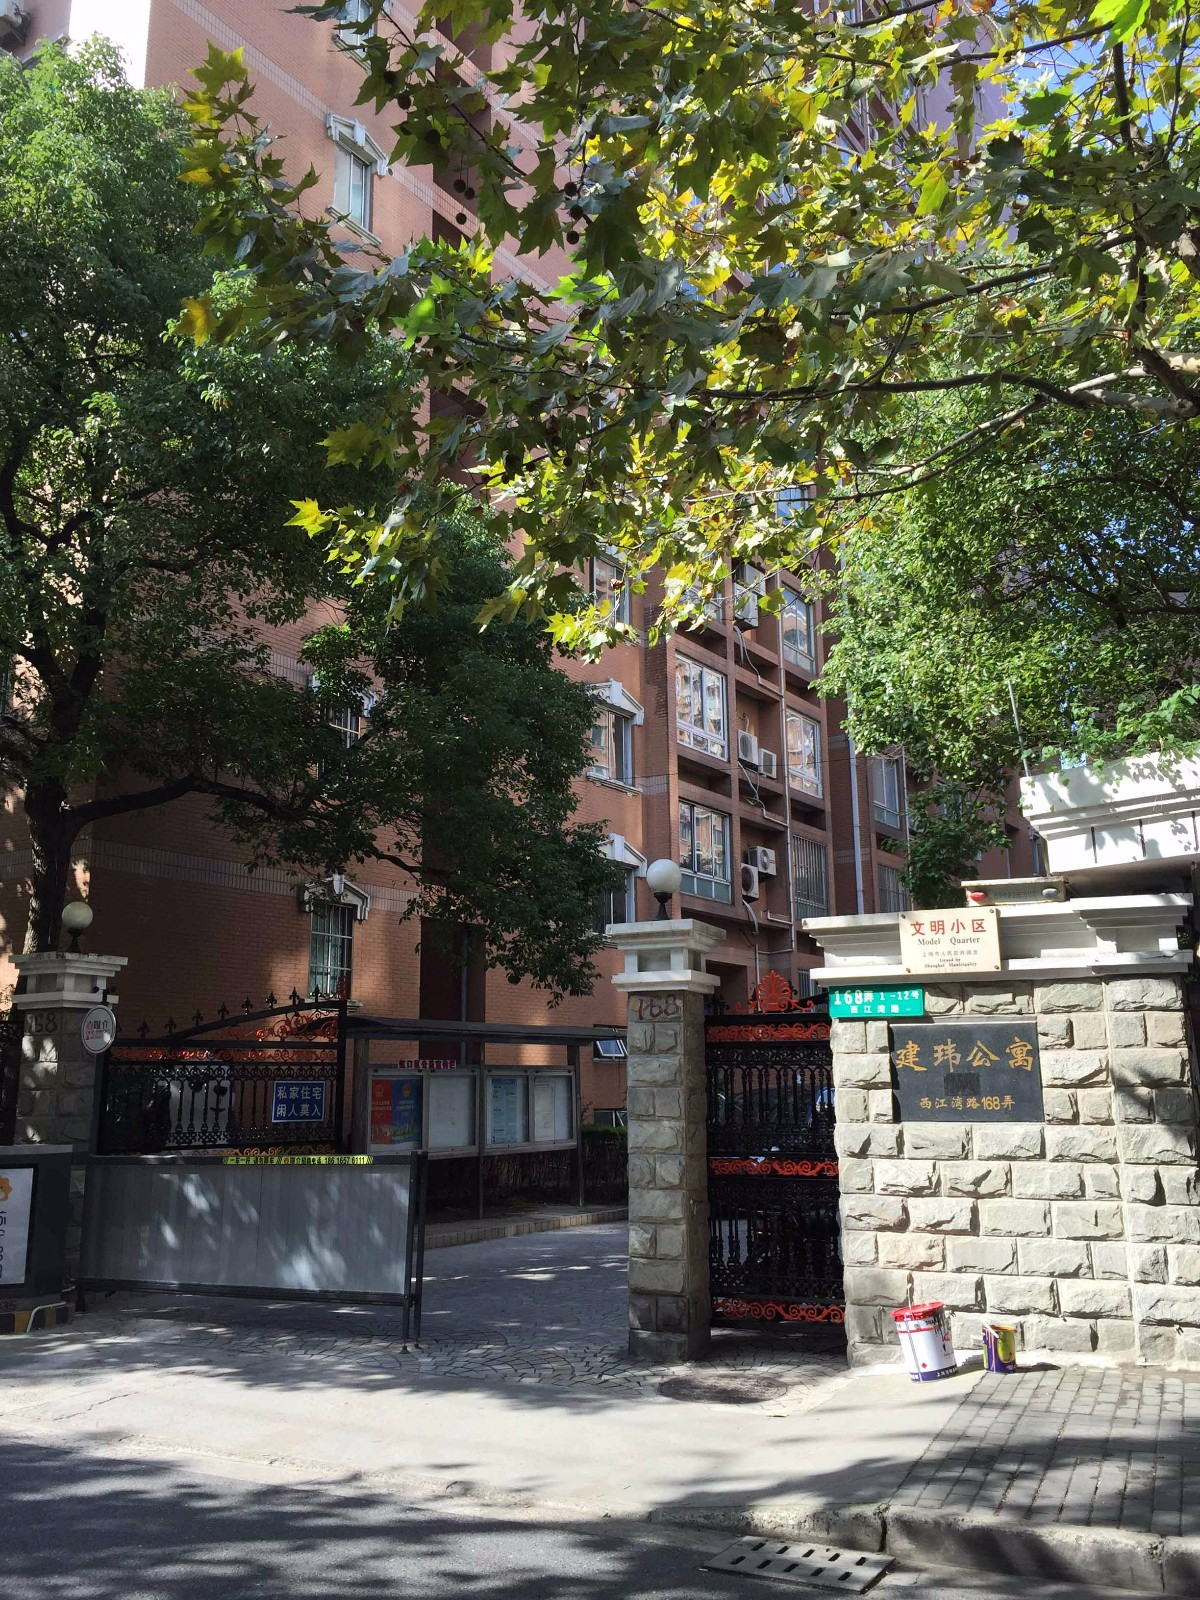 建玮公寓的正门,就是弯进公用厕所的弄堂口。(配于《公用厕所》一章中).JPG